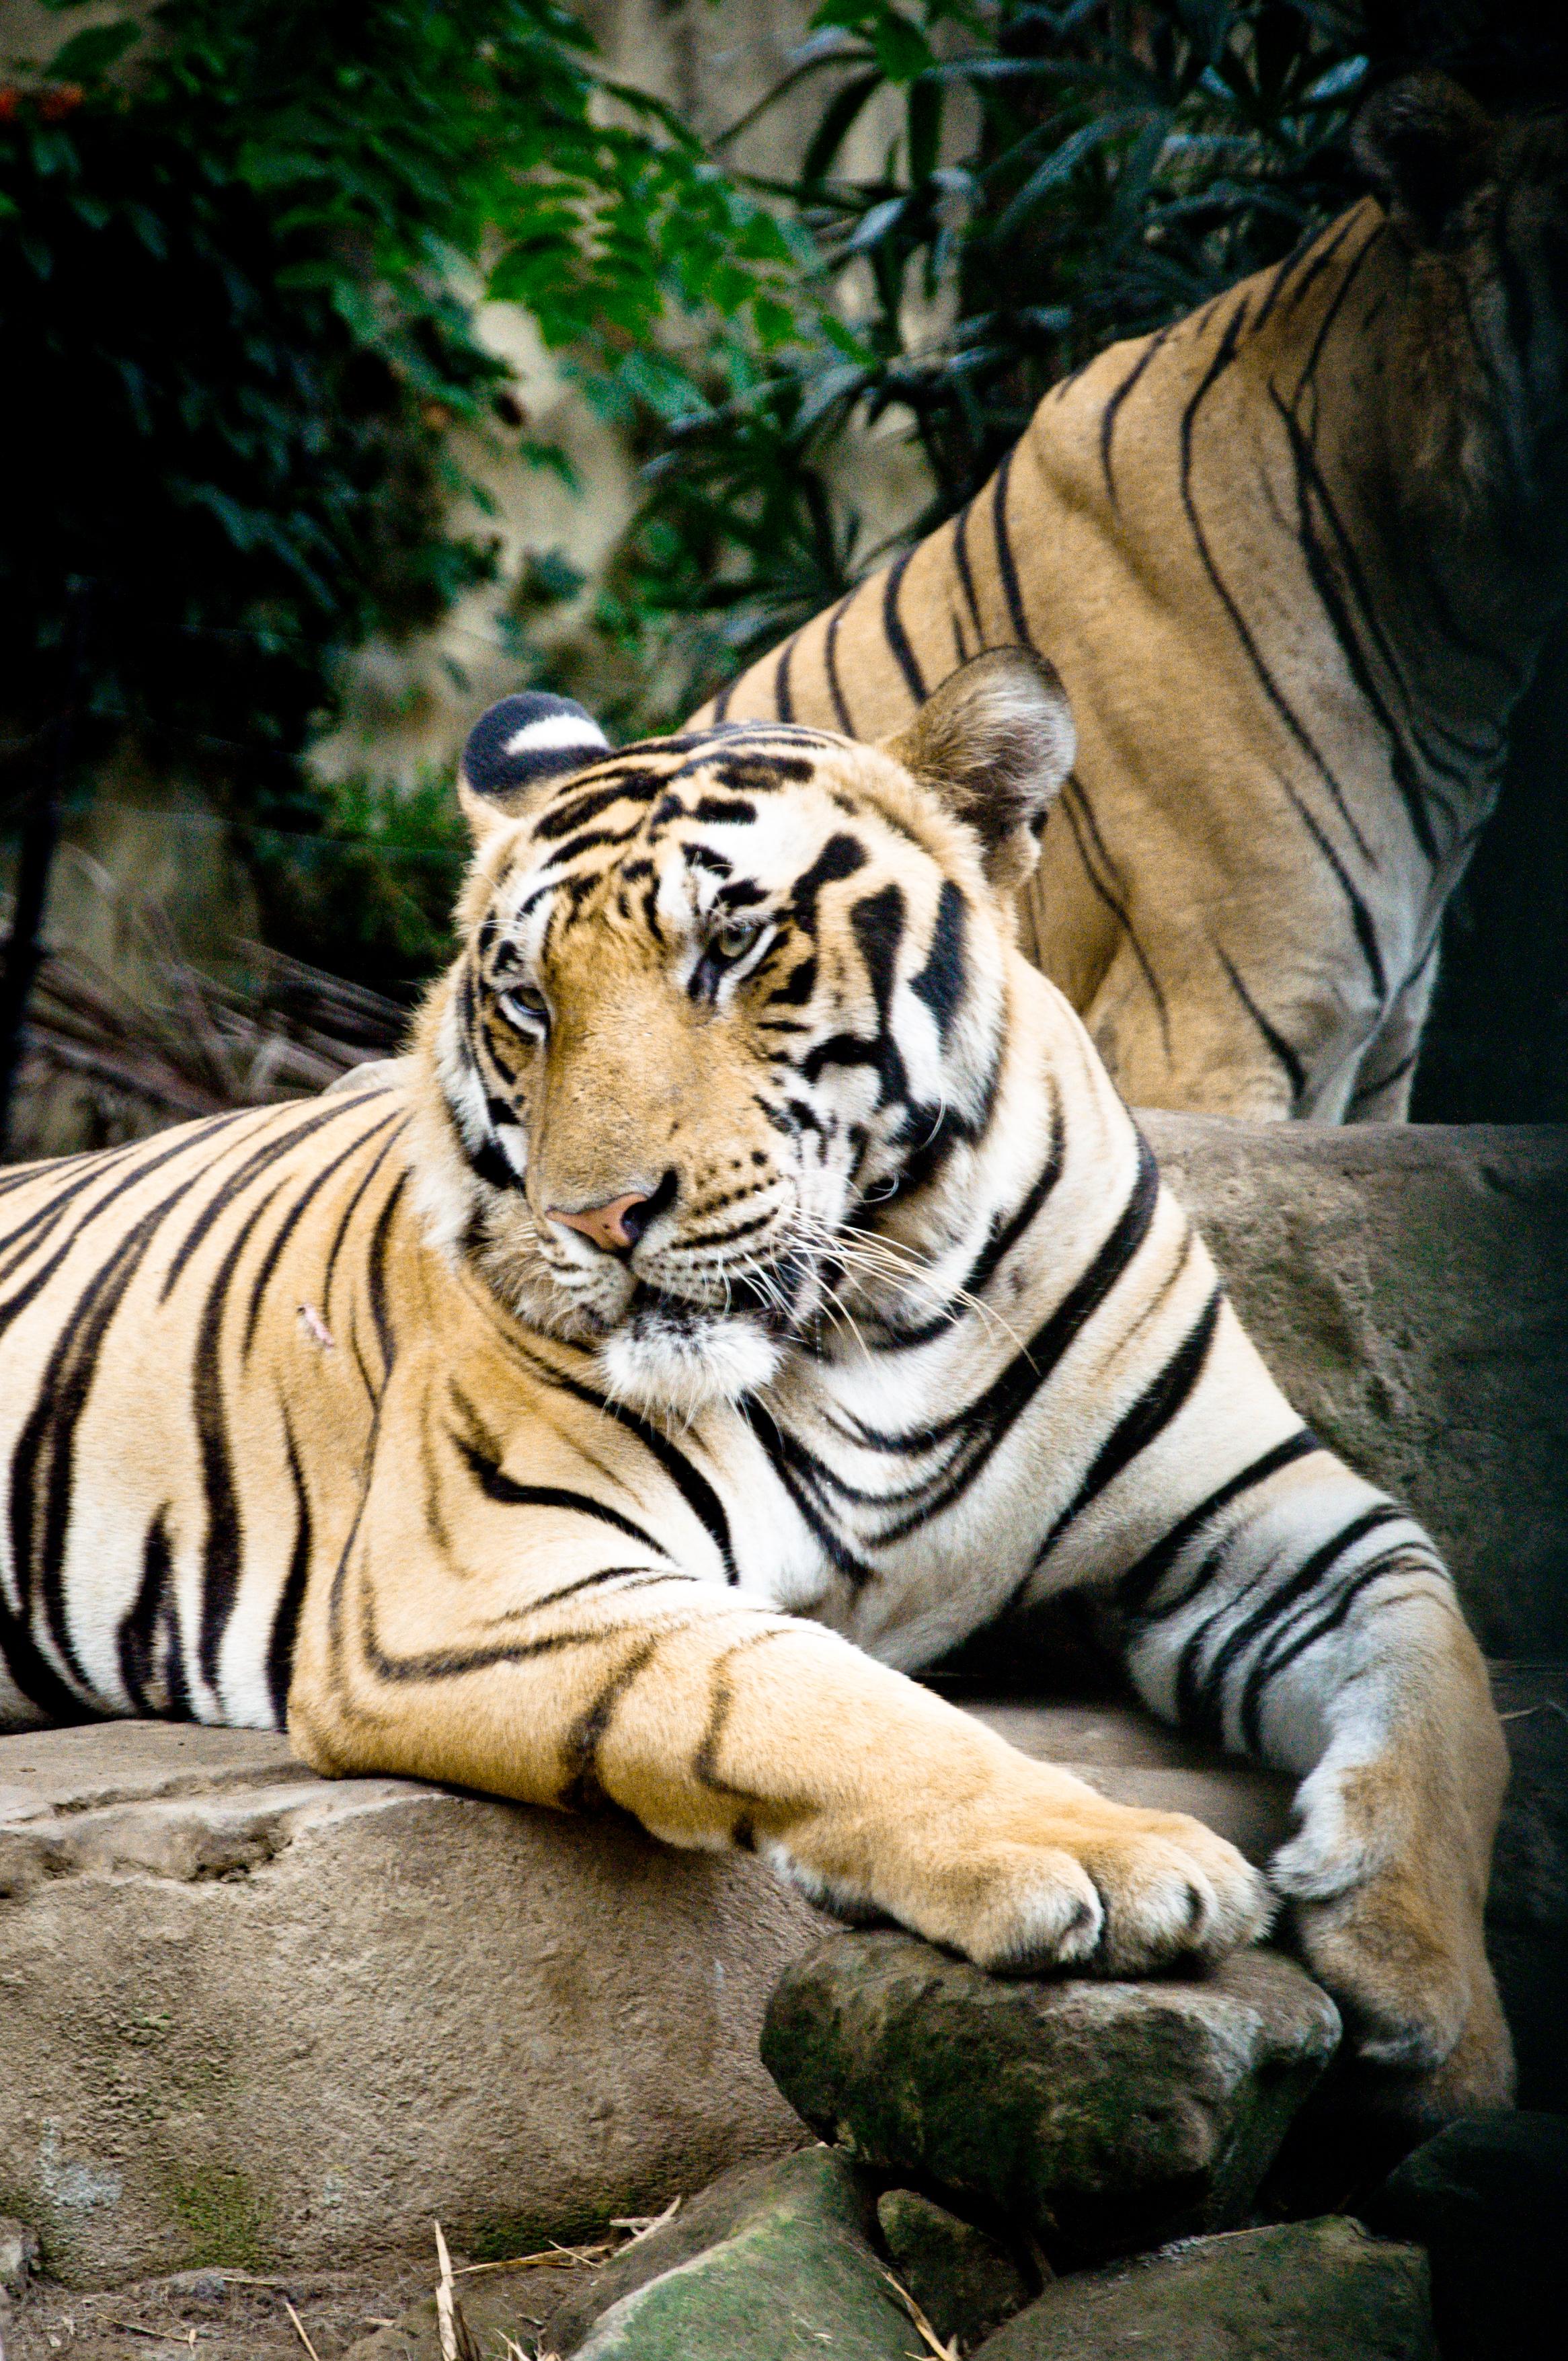 Tiger, Aggression, Jungle, Mammal, Nature, HQ Photo